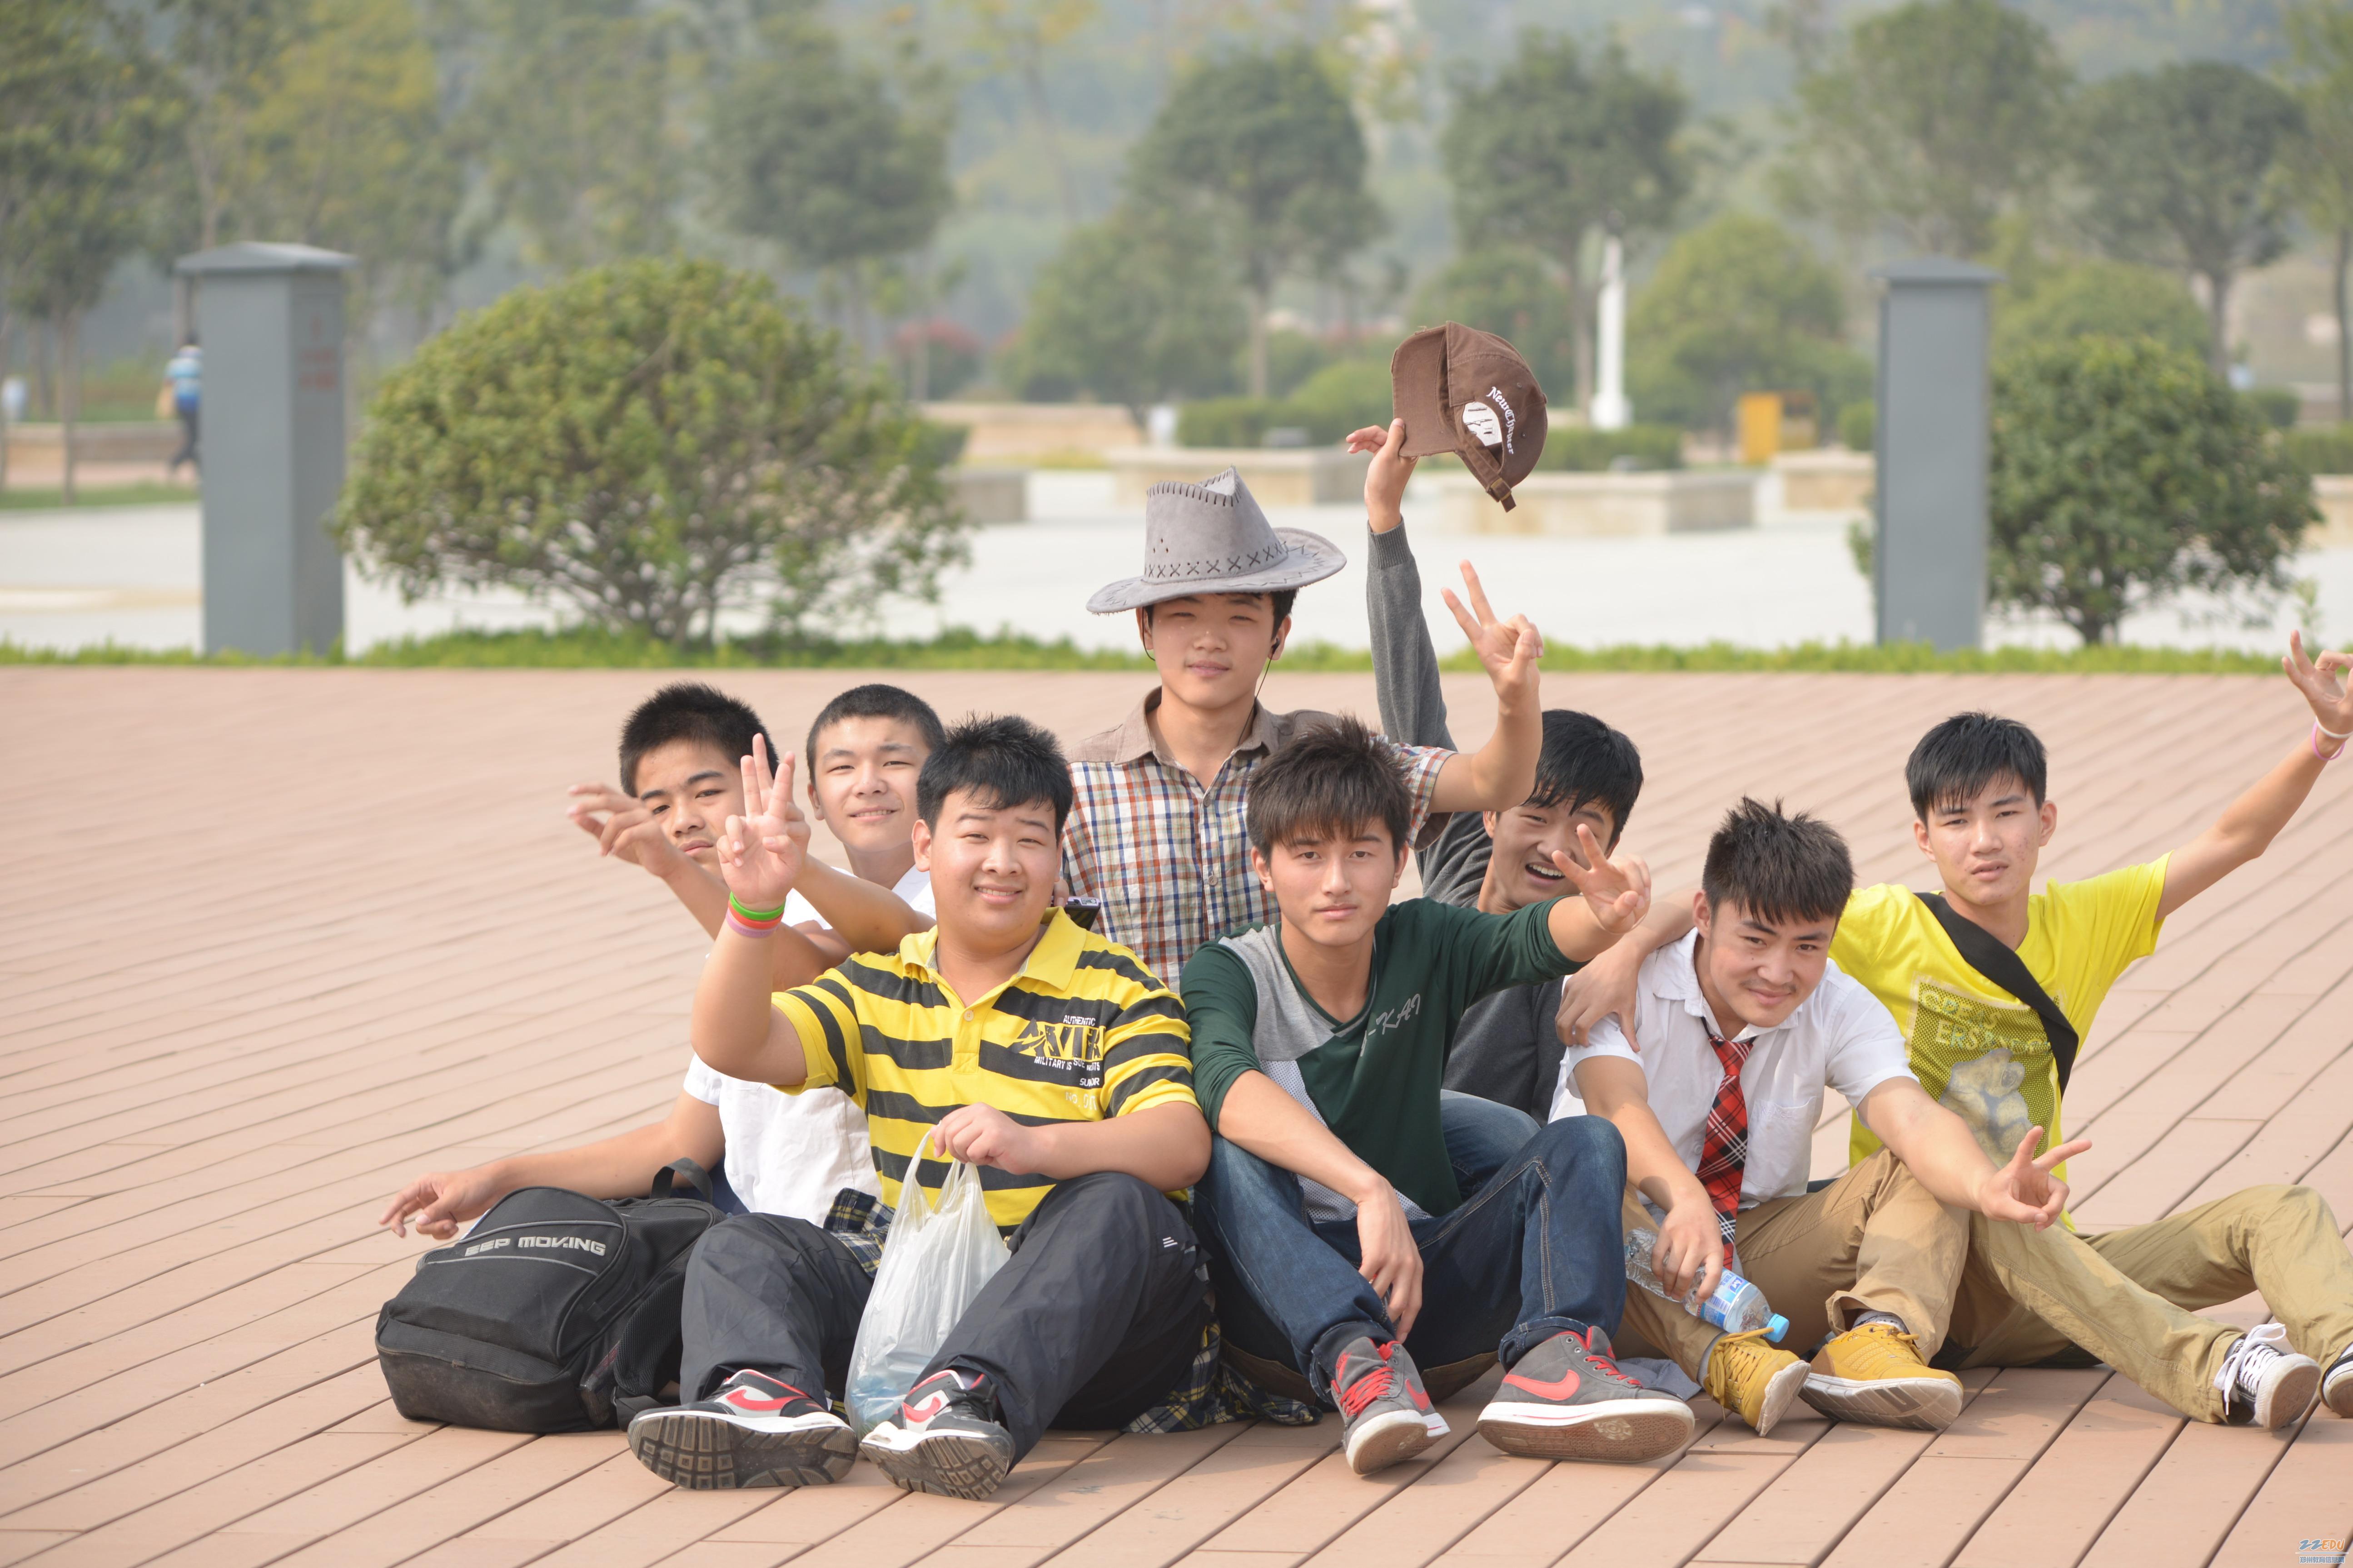 9月20日,郑州市盲聋哑学校的全体师生来到河南省地质博物馆,郑州市绿